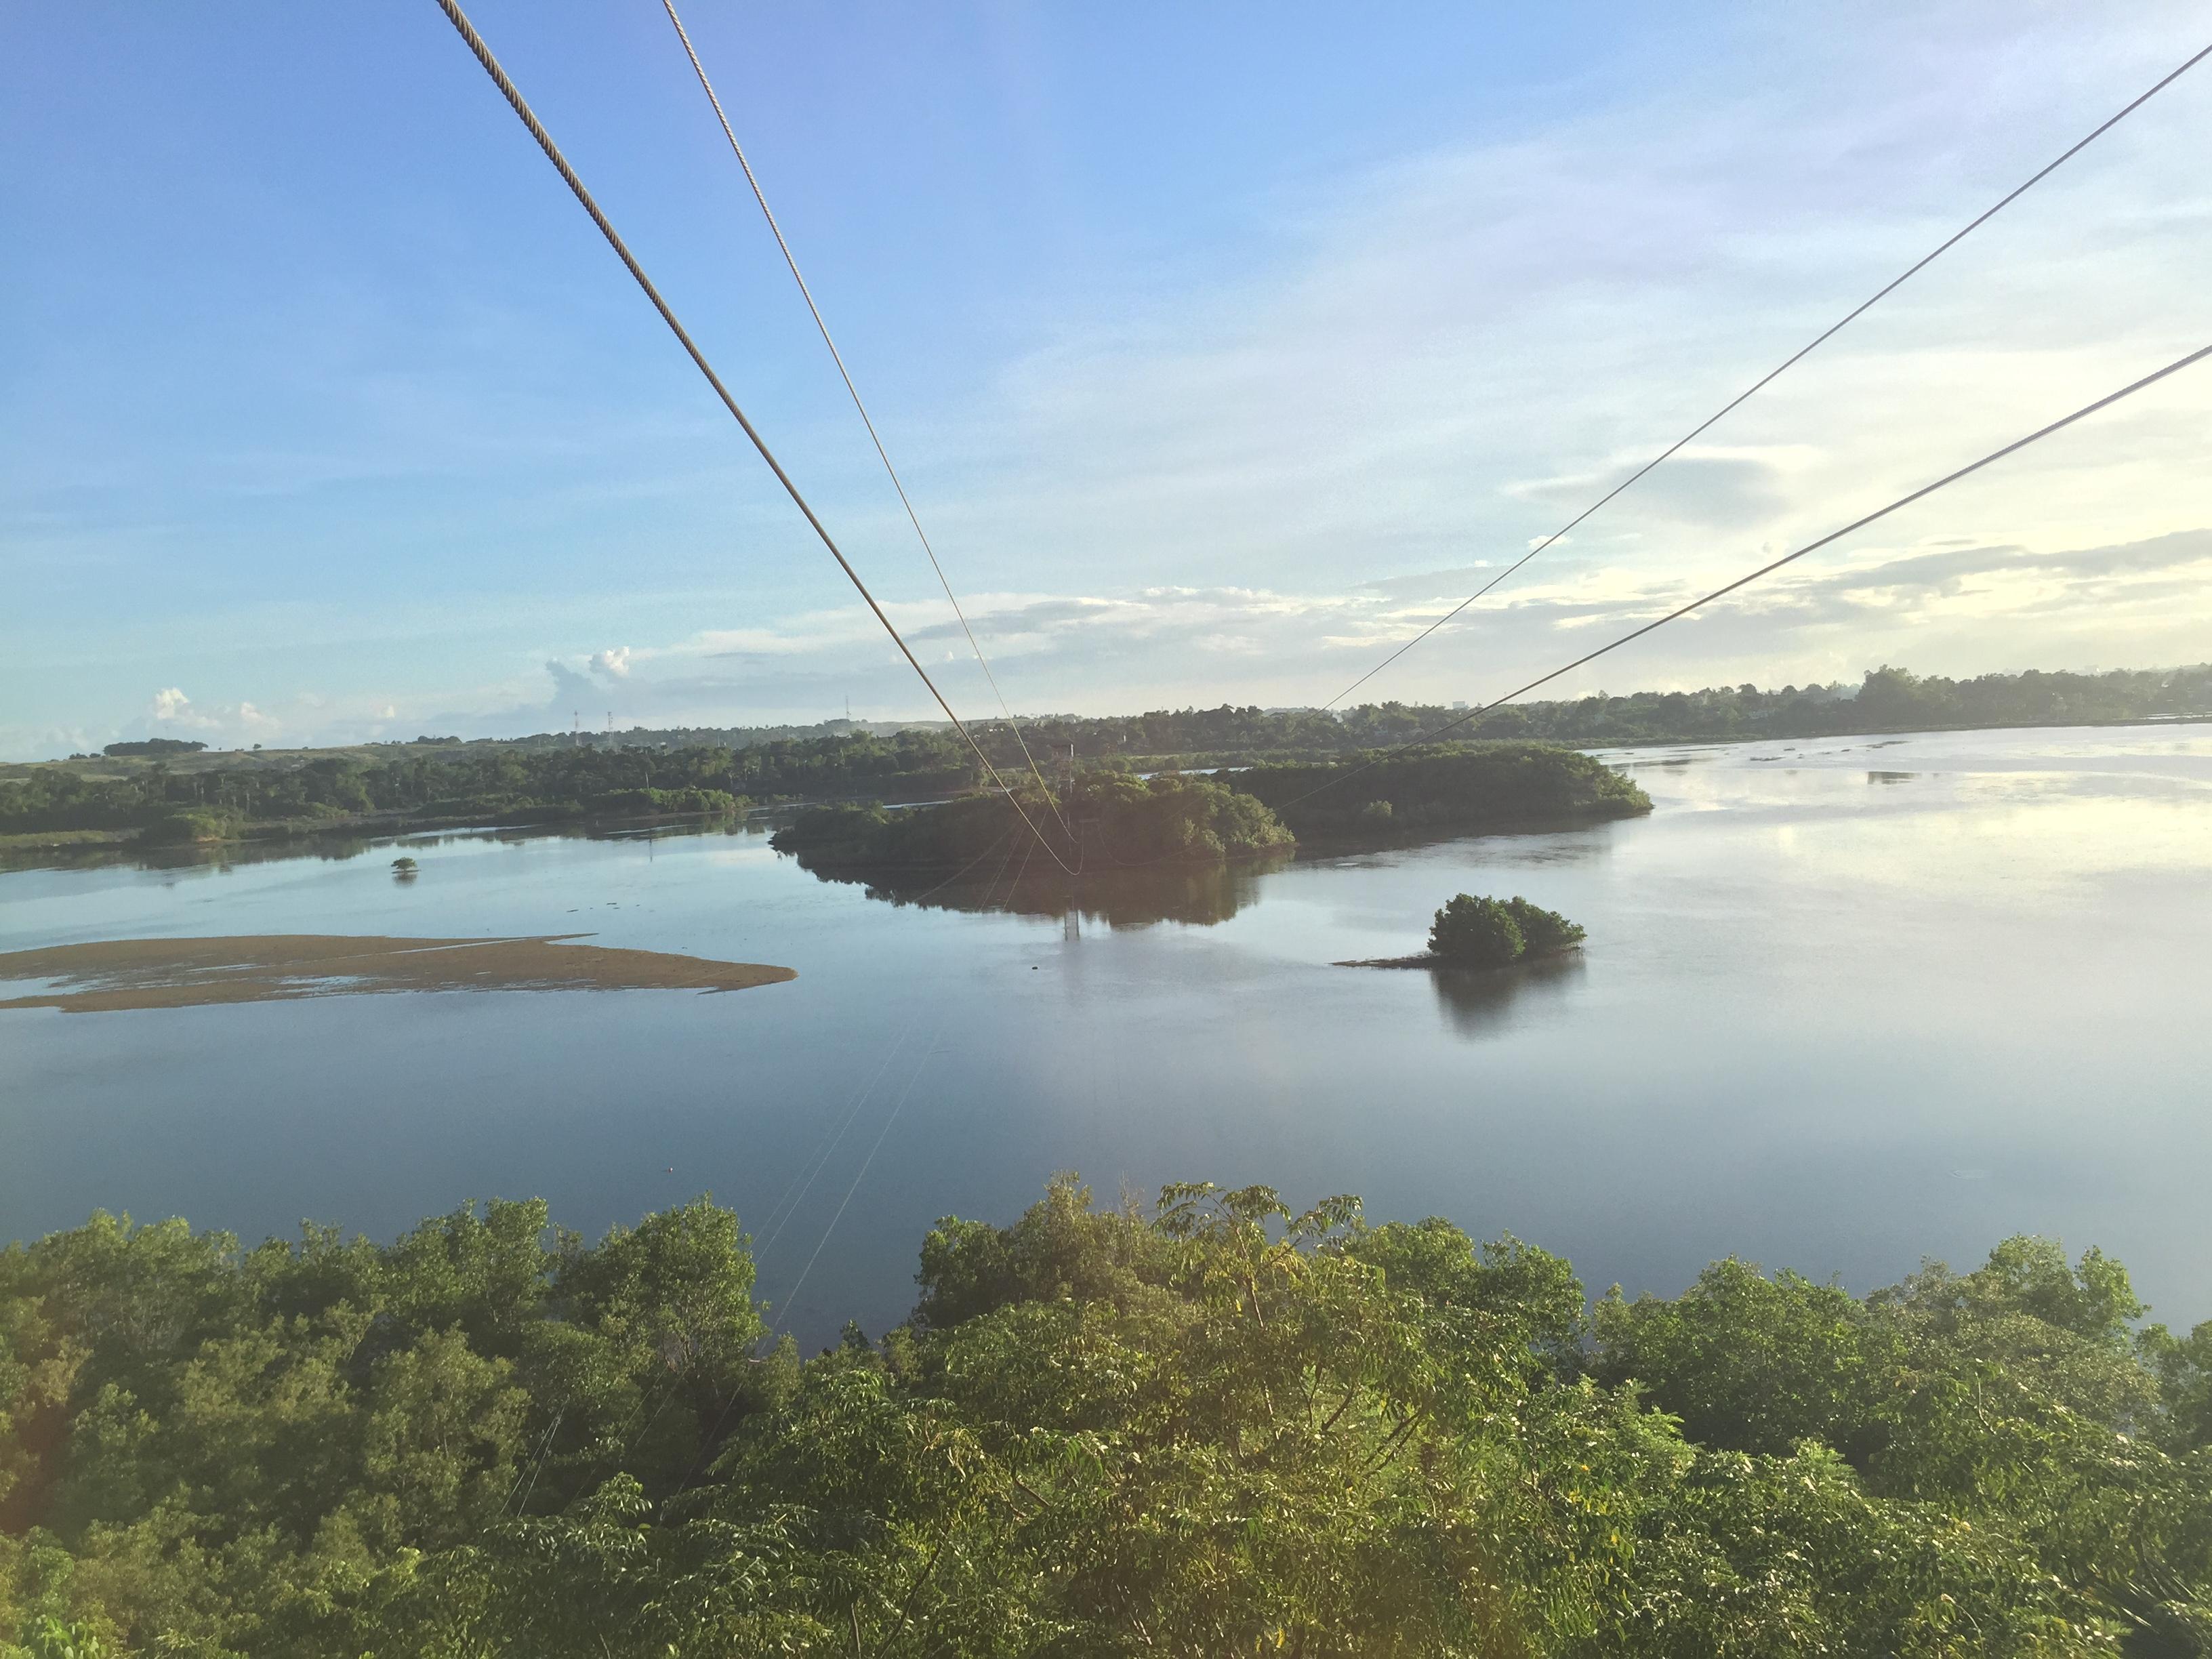 ジップラインからみた湖